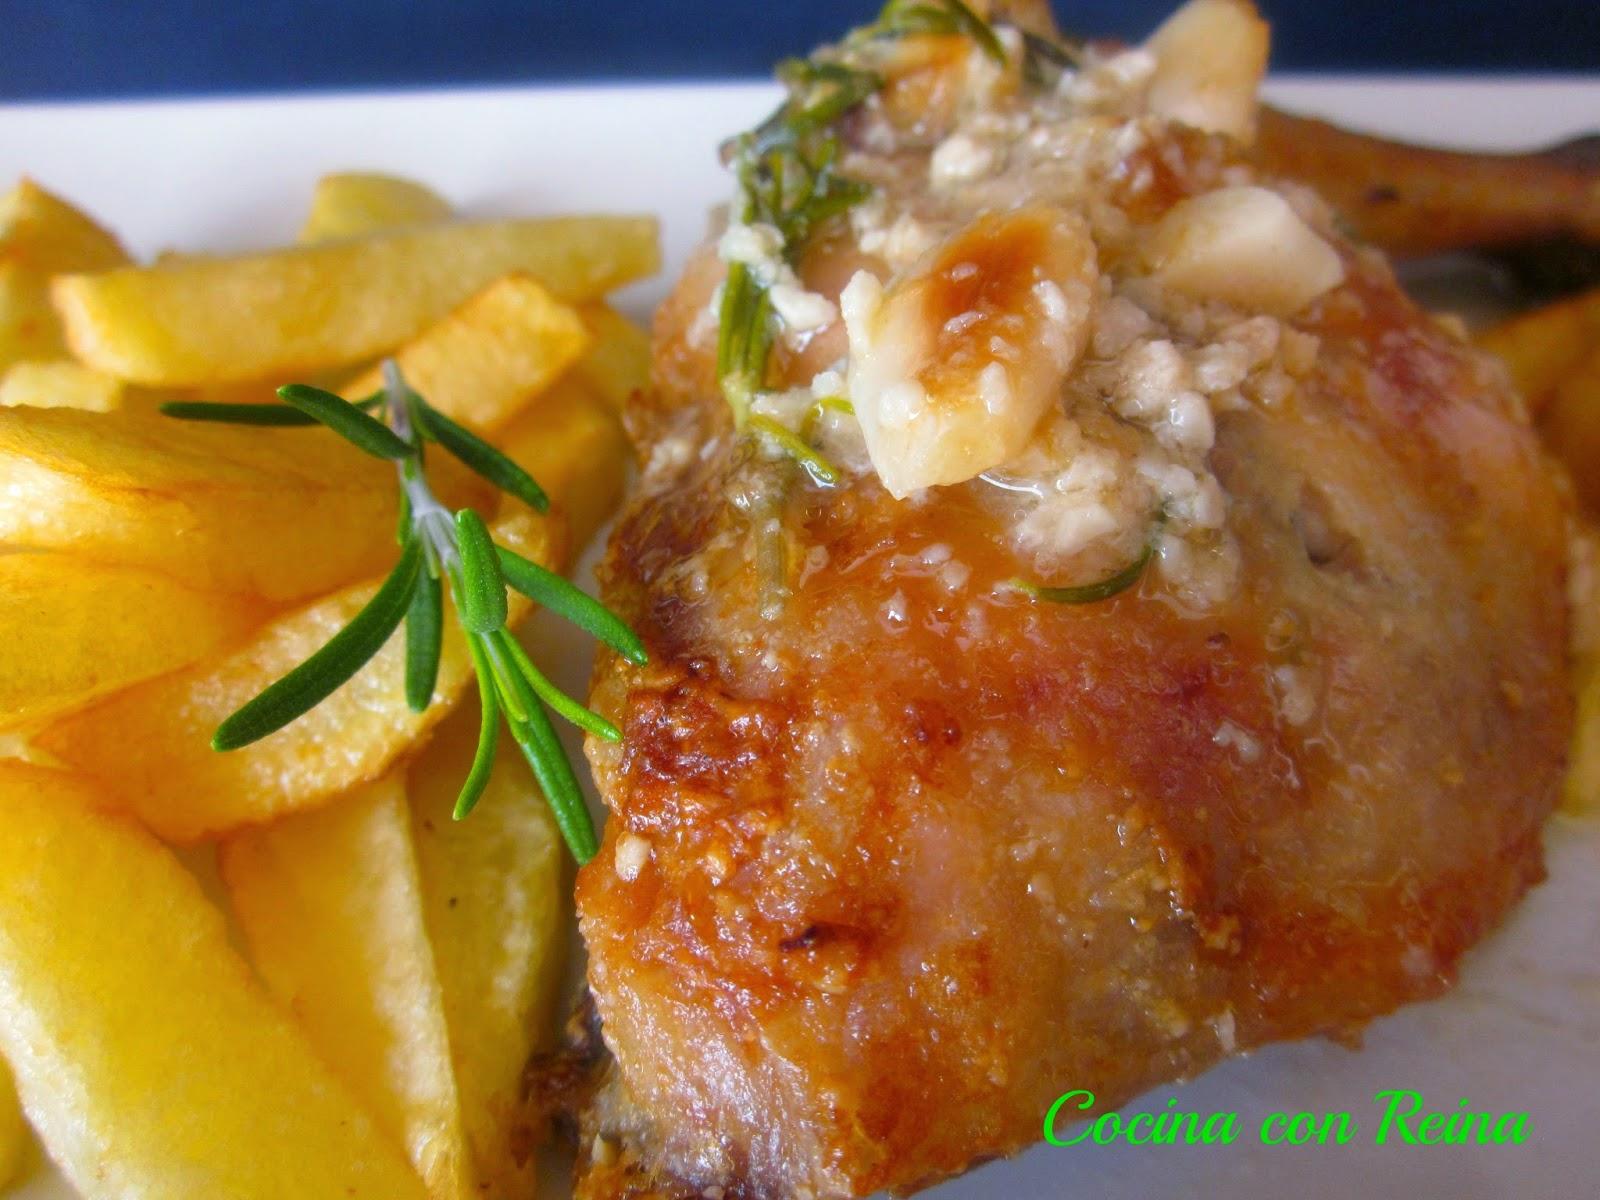 Pollo al horno con salsa de almendras cocina con reina - Cocina al horno ...